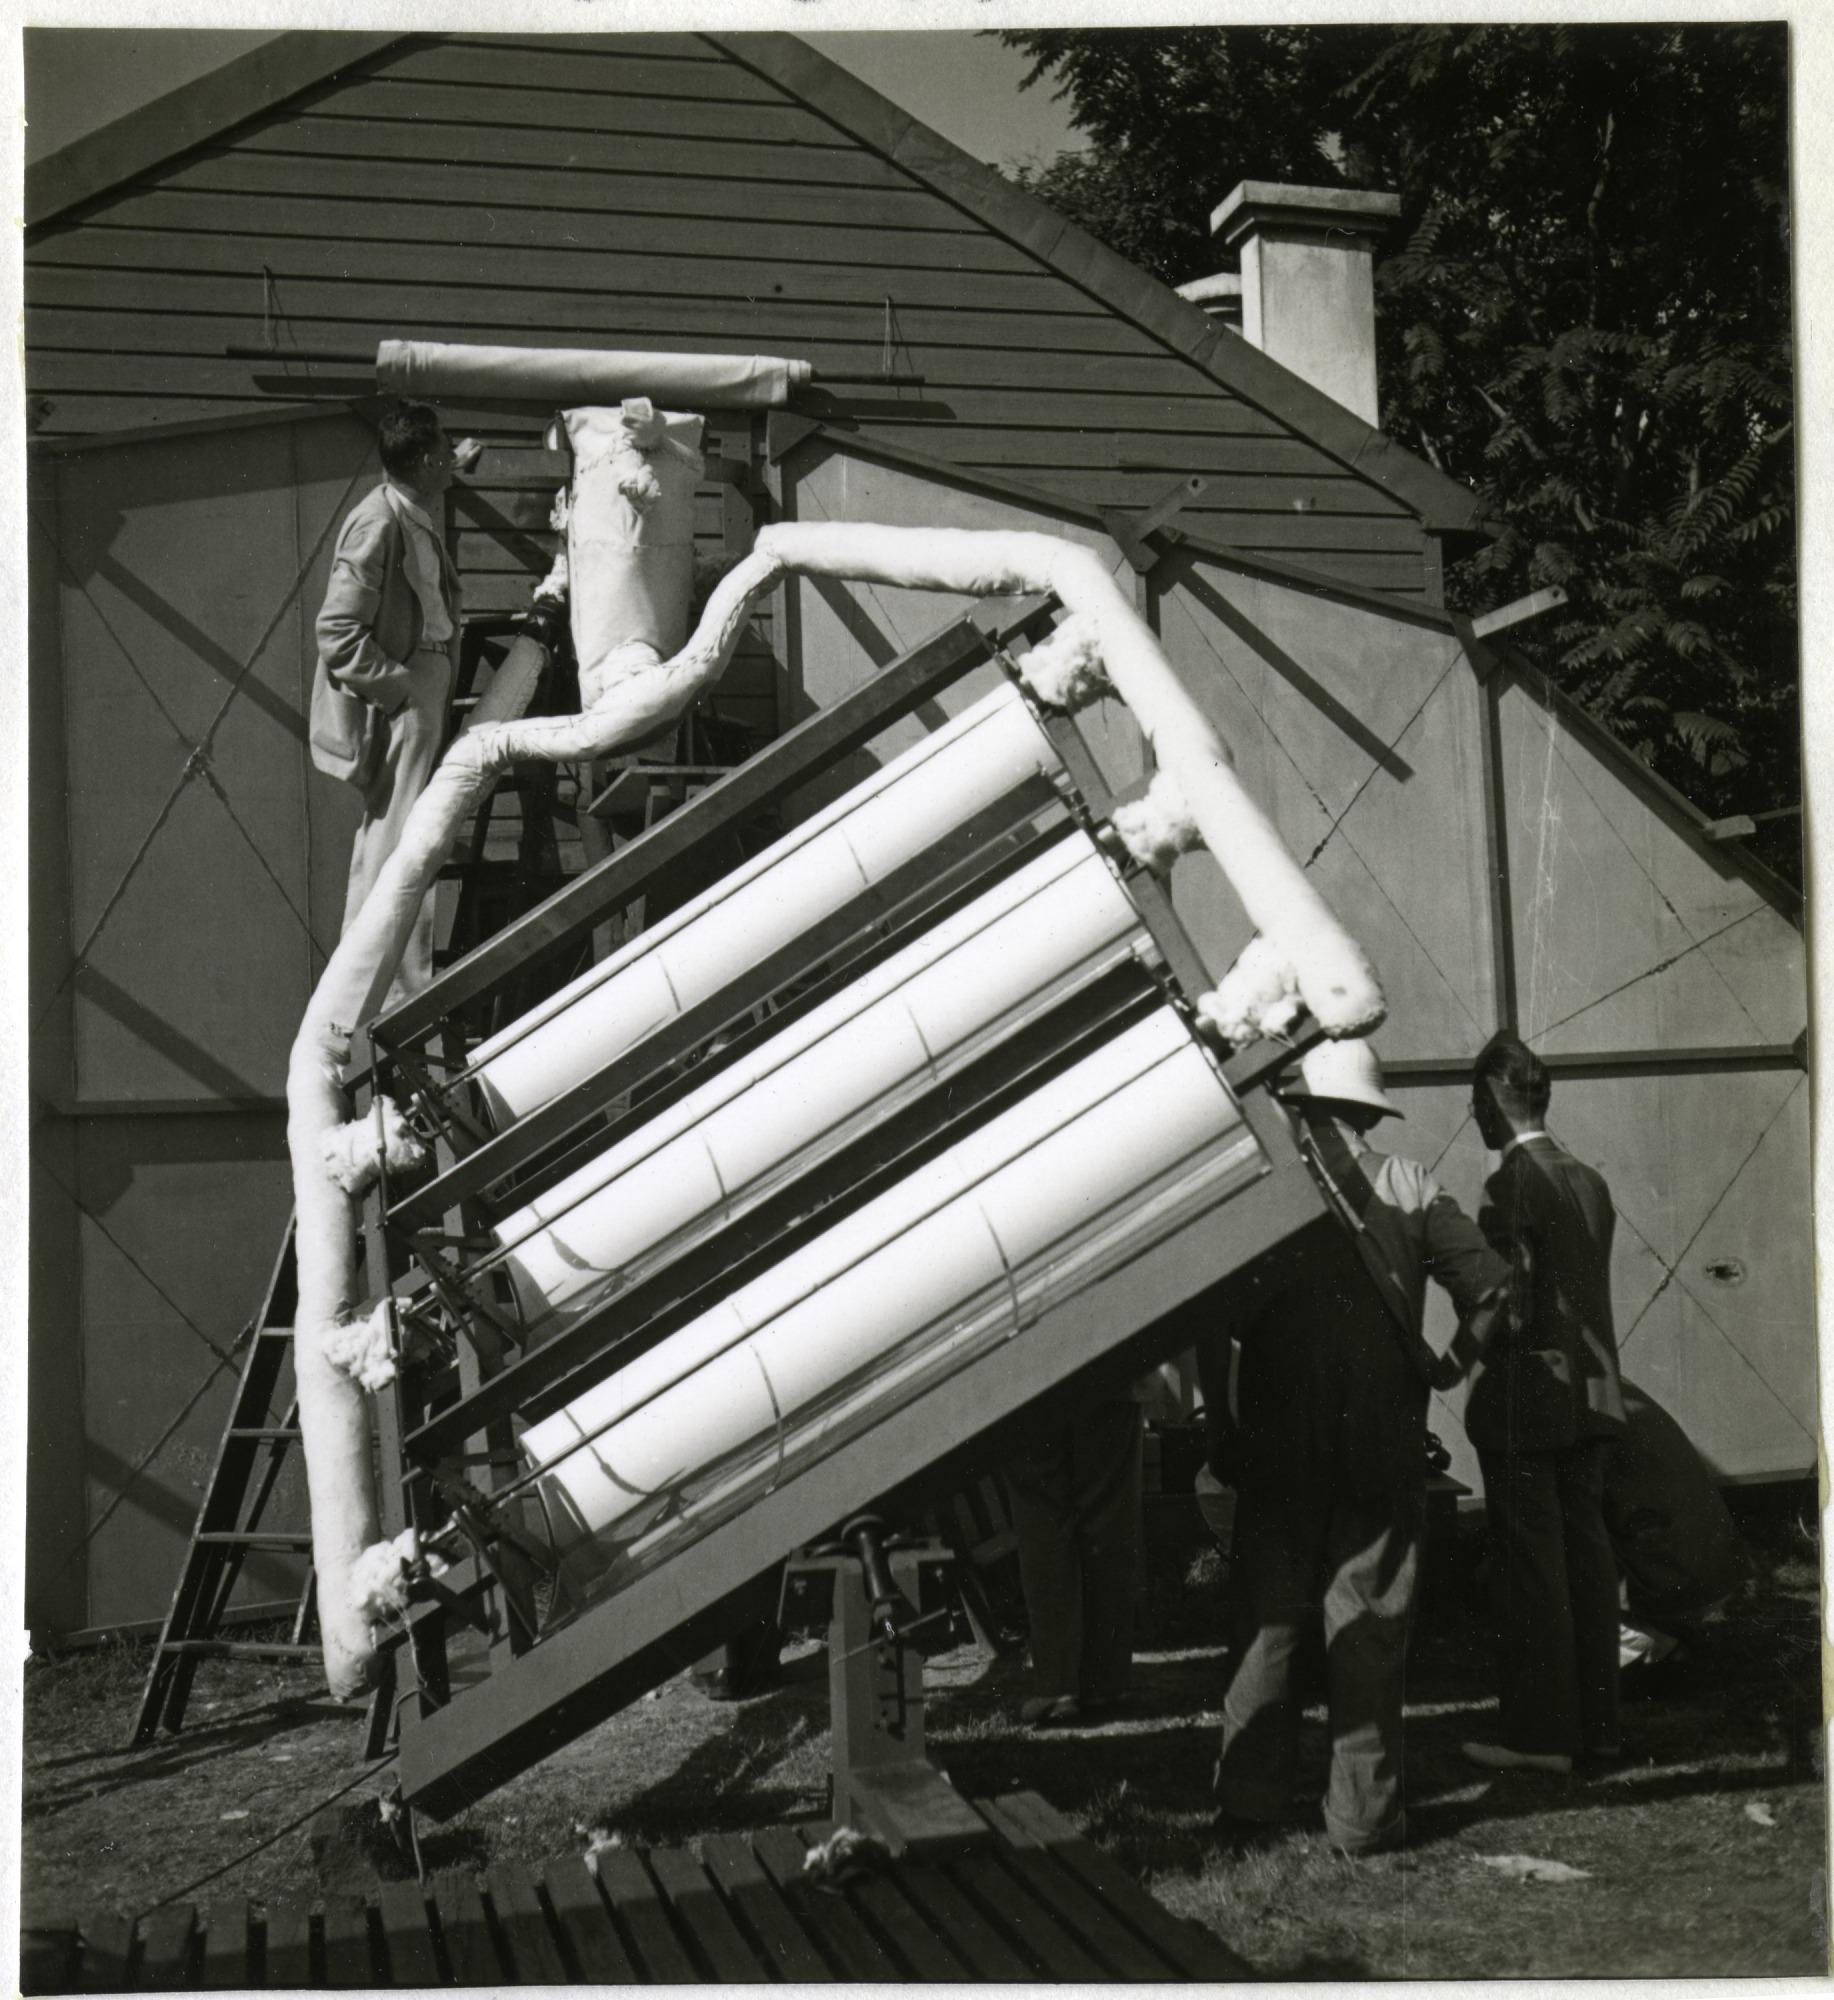 Charles G. Abbot's Solar Panels